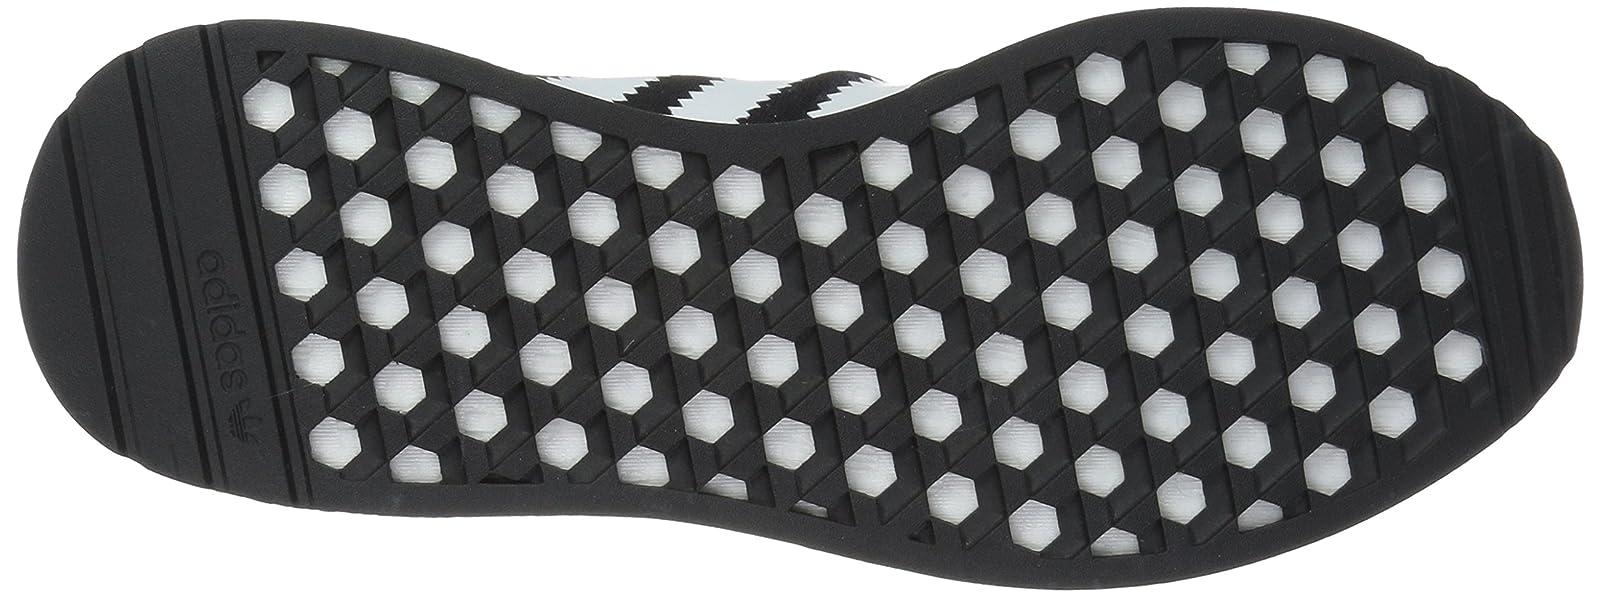 adidas Originals Men's I-5923 CQ2490 Core Black/White/Copper Metallic - 3